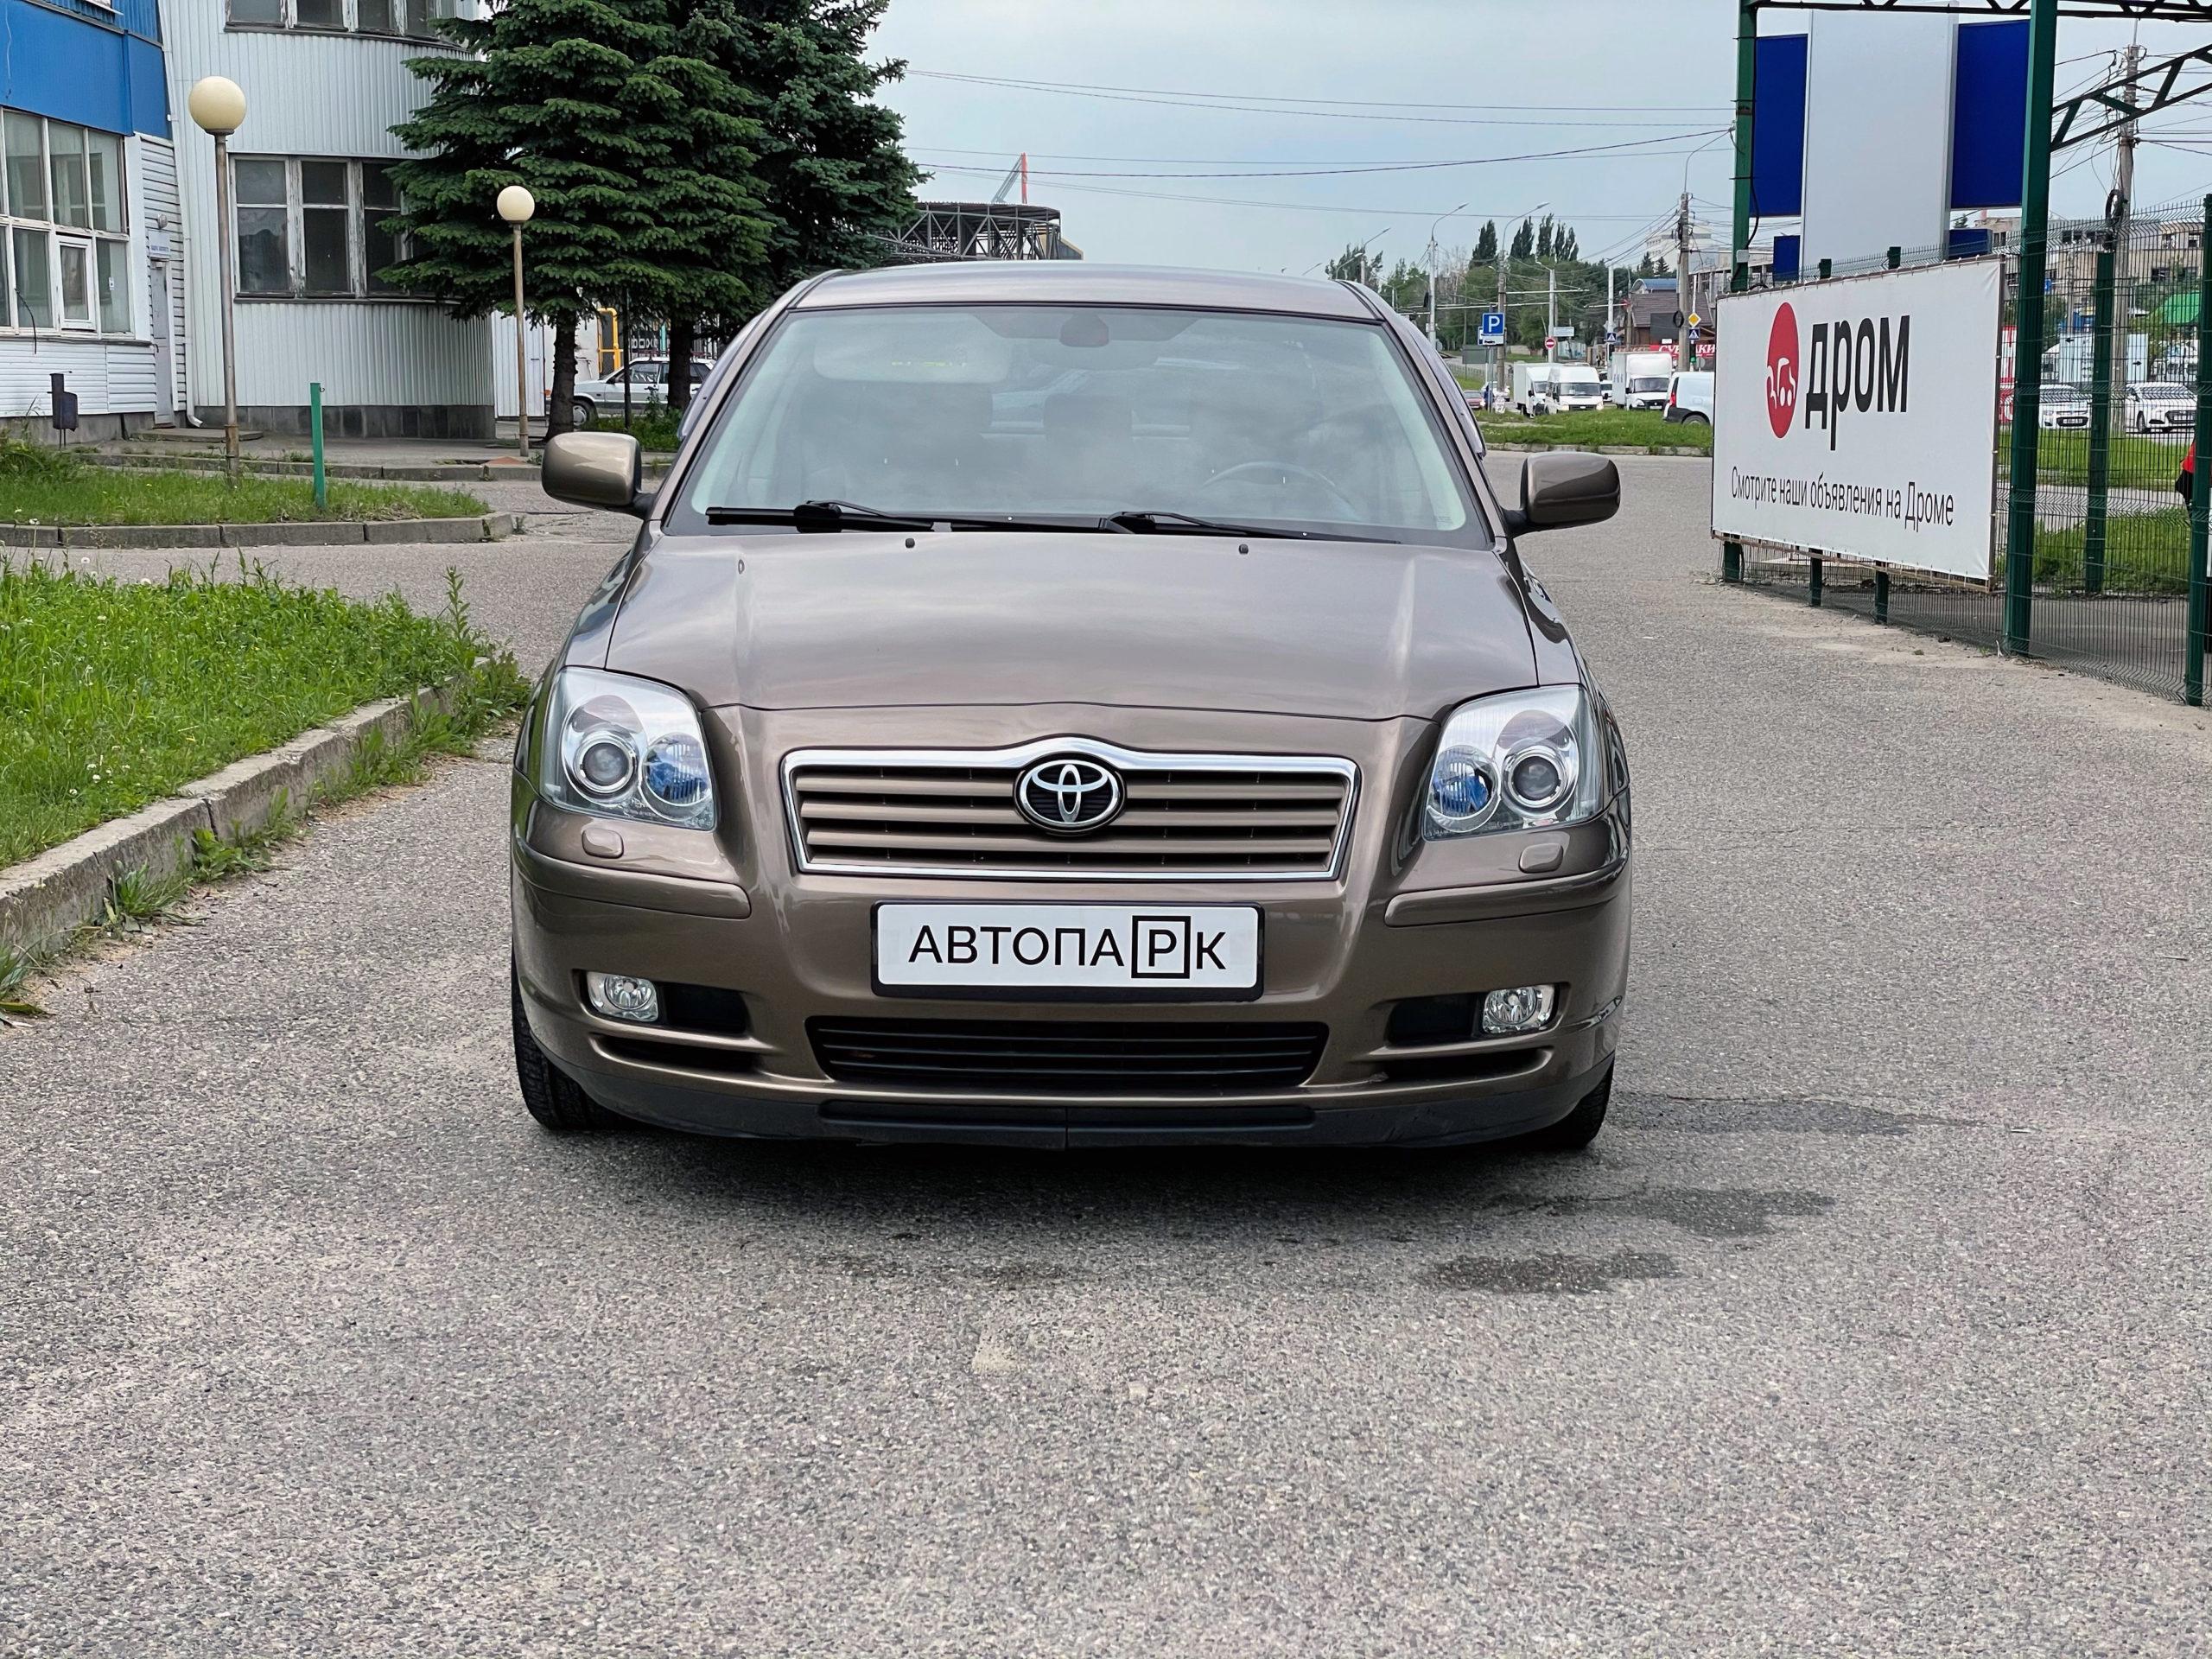 Купить Toyota Avensis (Коричневый) - Автопарк Ставрополь